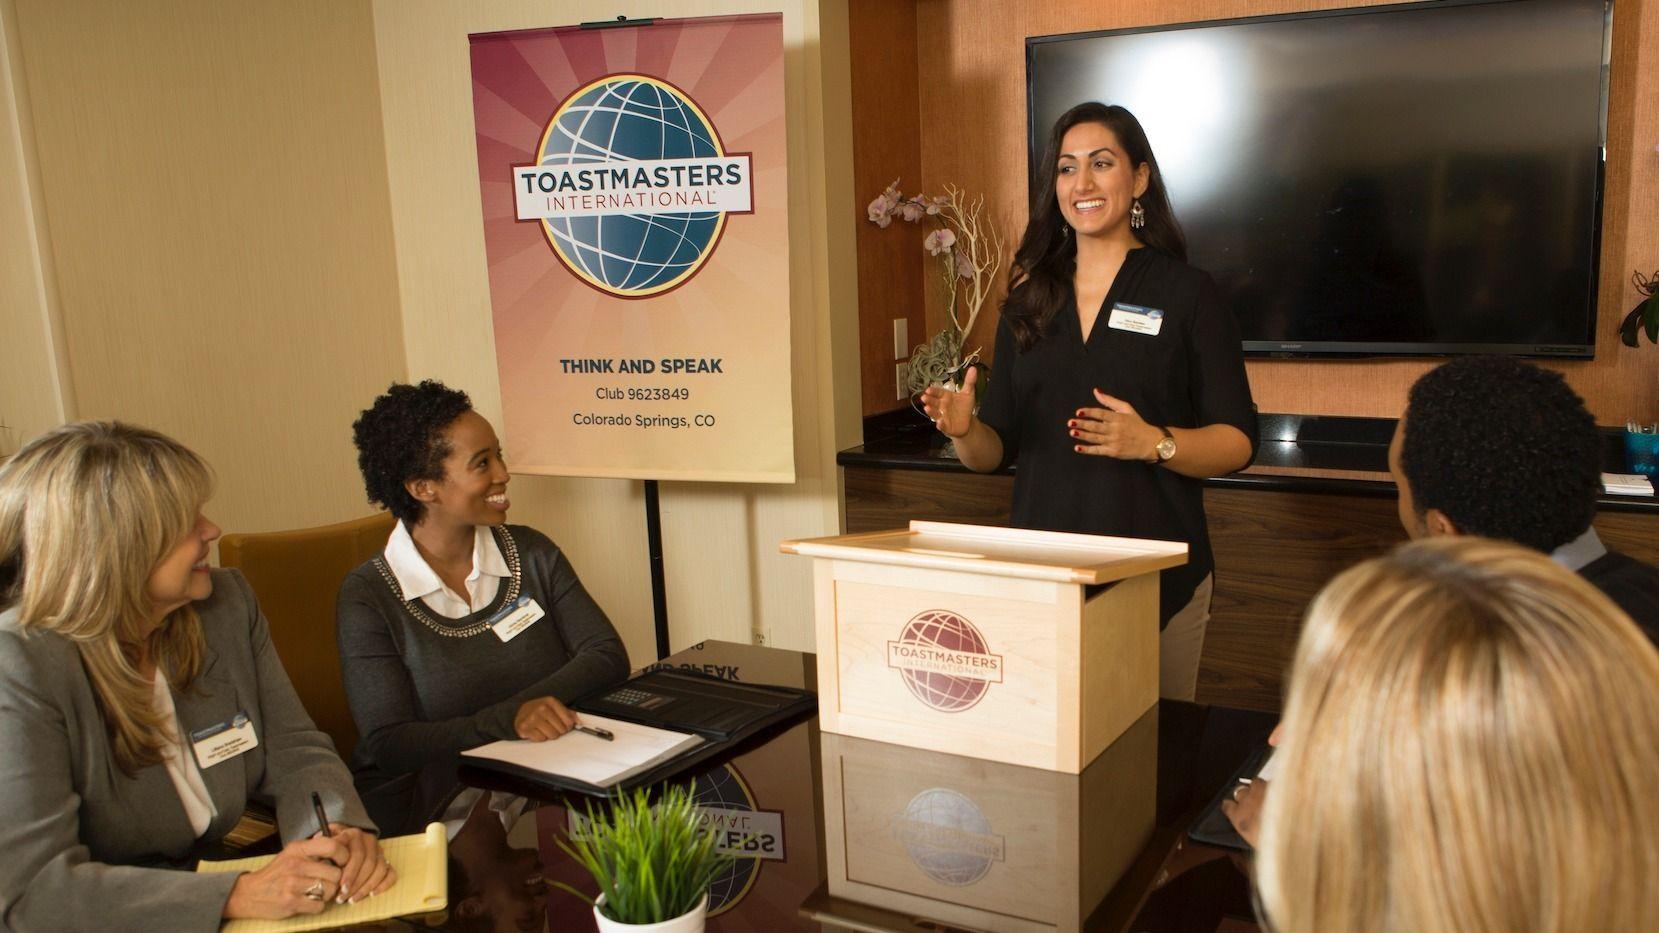 MacToast Toastmasters